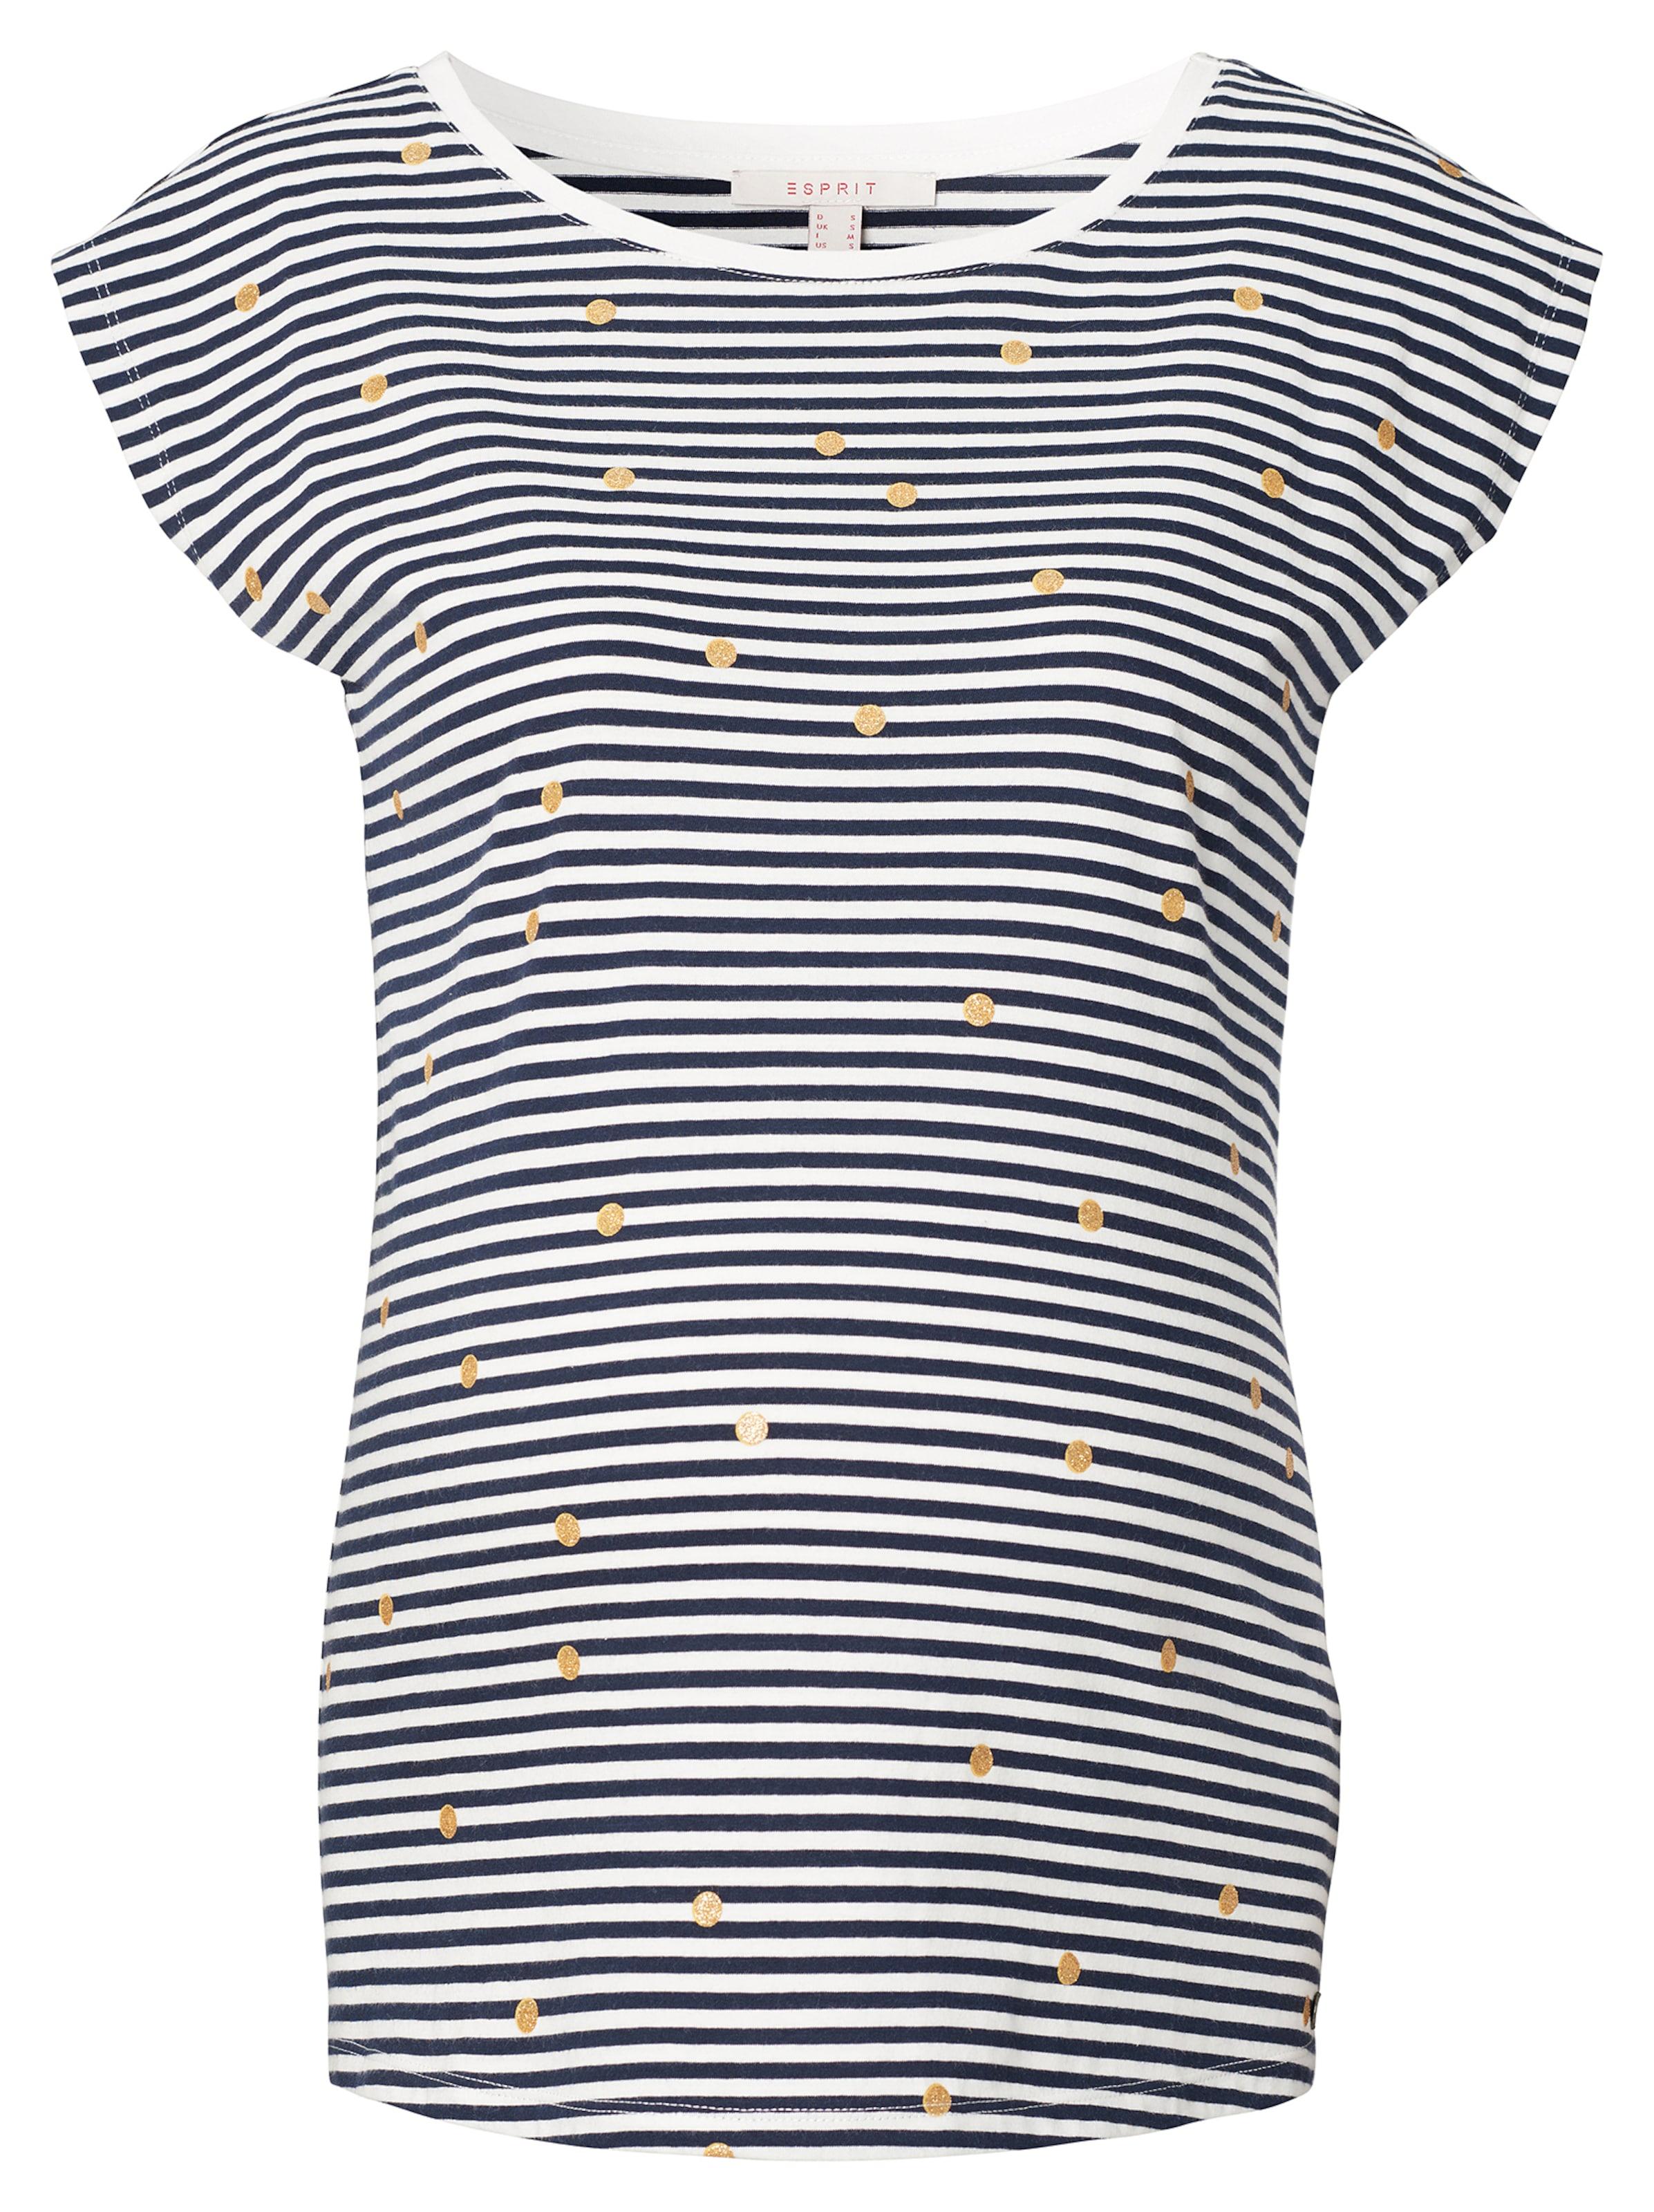 2018 Online-Verkauf Billig Verkauf Empfehlen Esprit Maternity T-shirt t2YSMPl90B